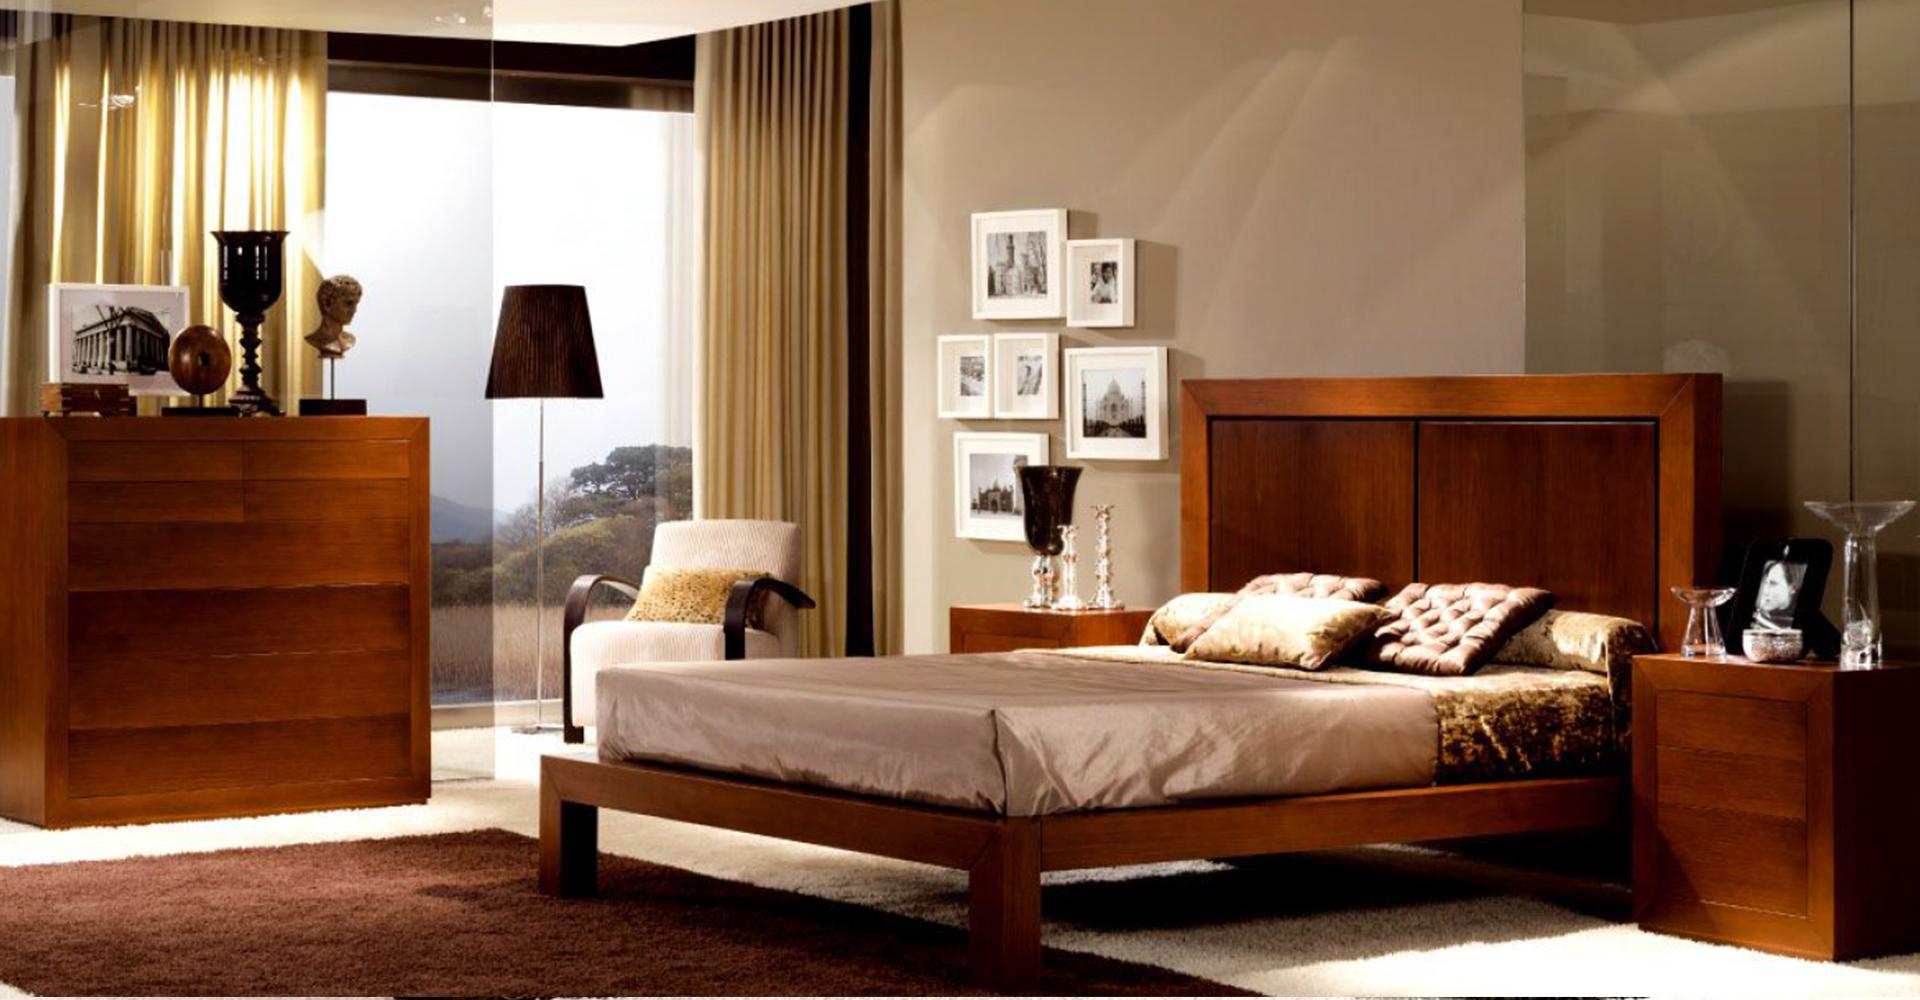 dormitorio de estilo contemporaneo (82)